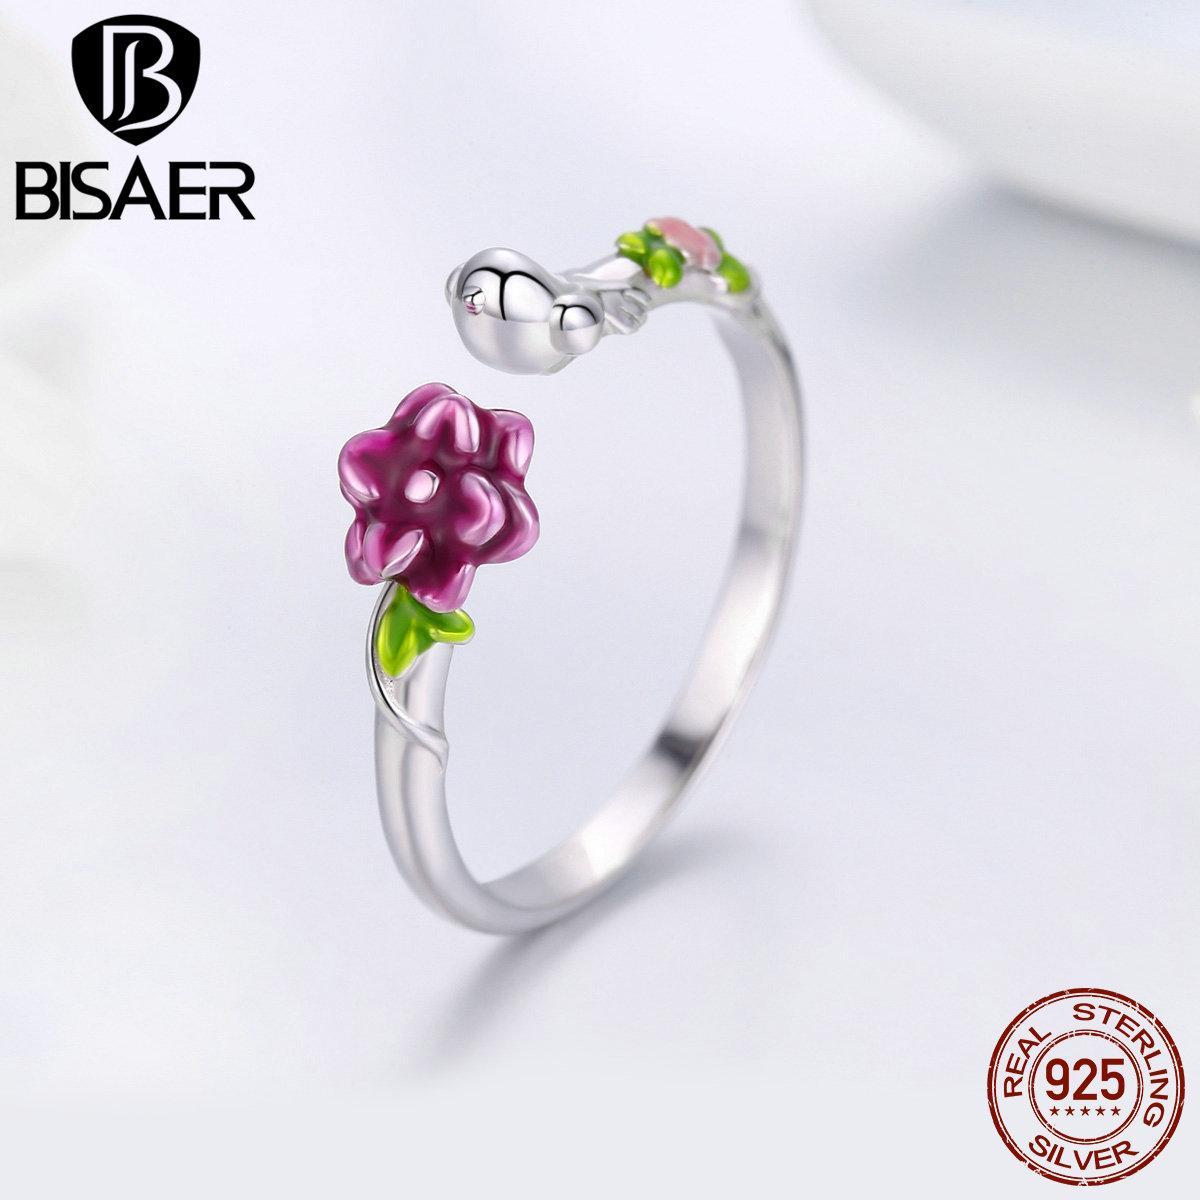 Atacado 925 Sterling Silver Cherry Flower Orquídea Anel Ajustável Rose Flor Anéis de Dedo para As Mulheres da Jóia Do Casamento anel ECR462